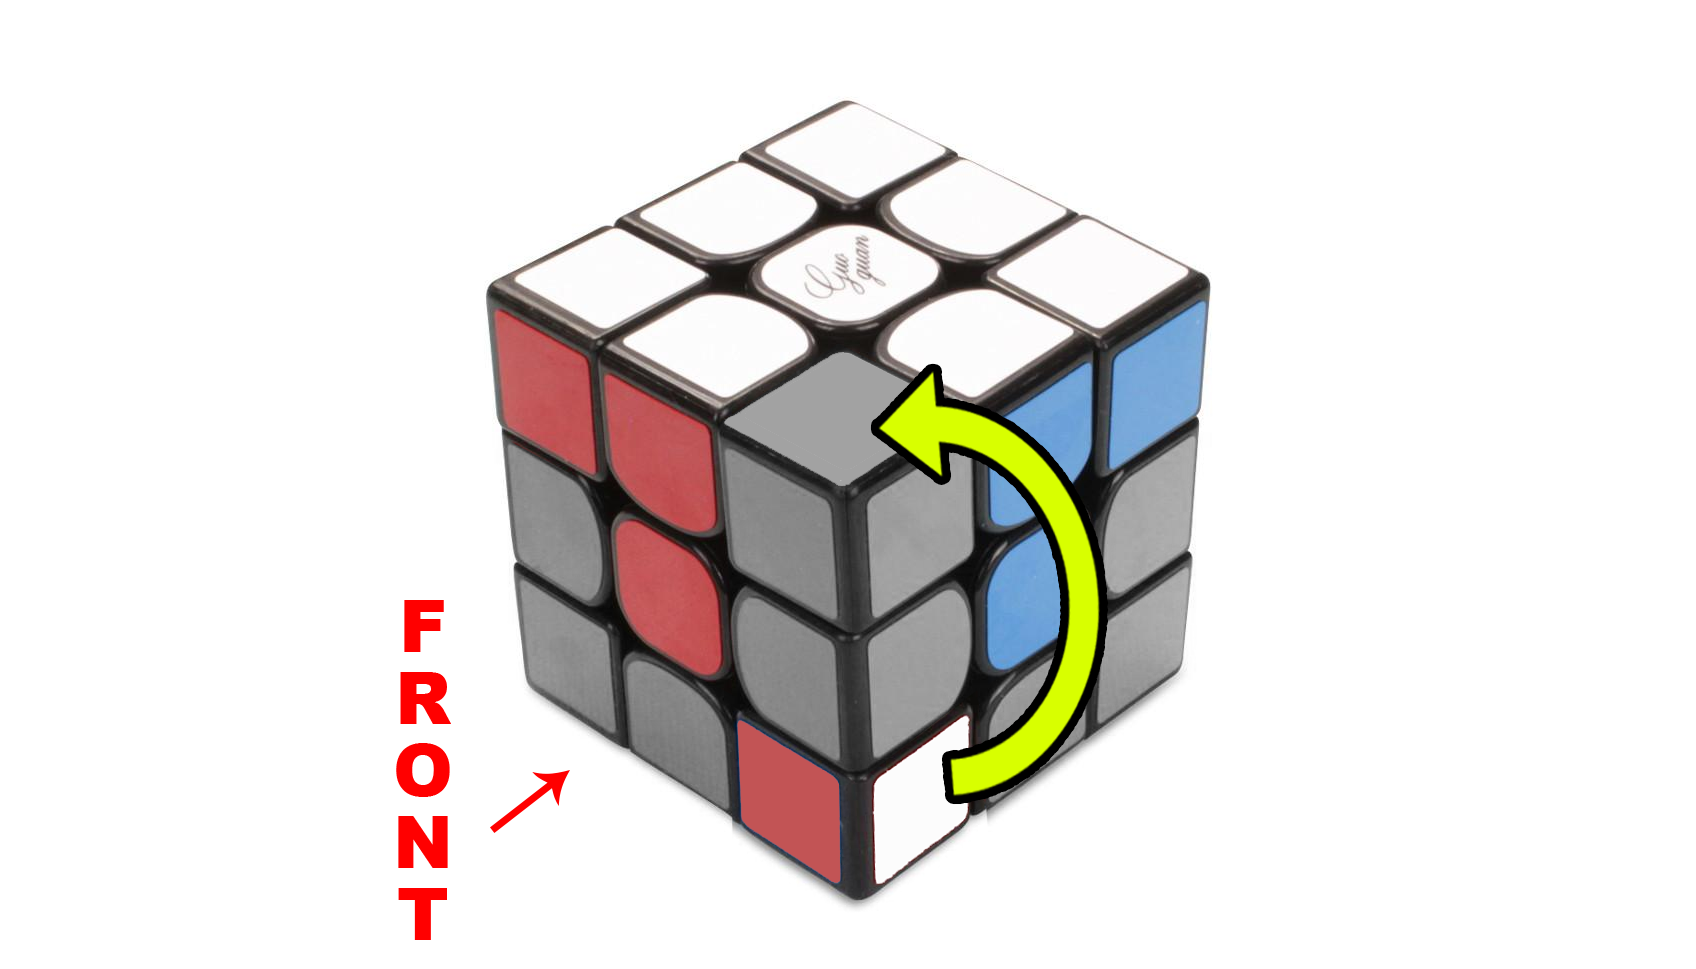 How to solve a Rubik's 3x3 - Step 2 - The Corners - Step 2b